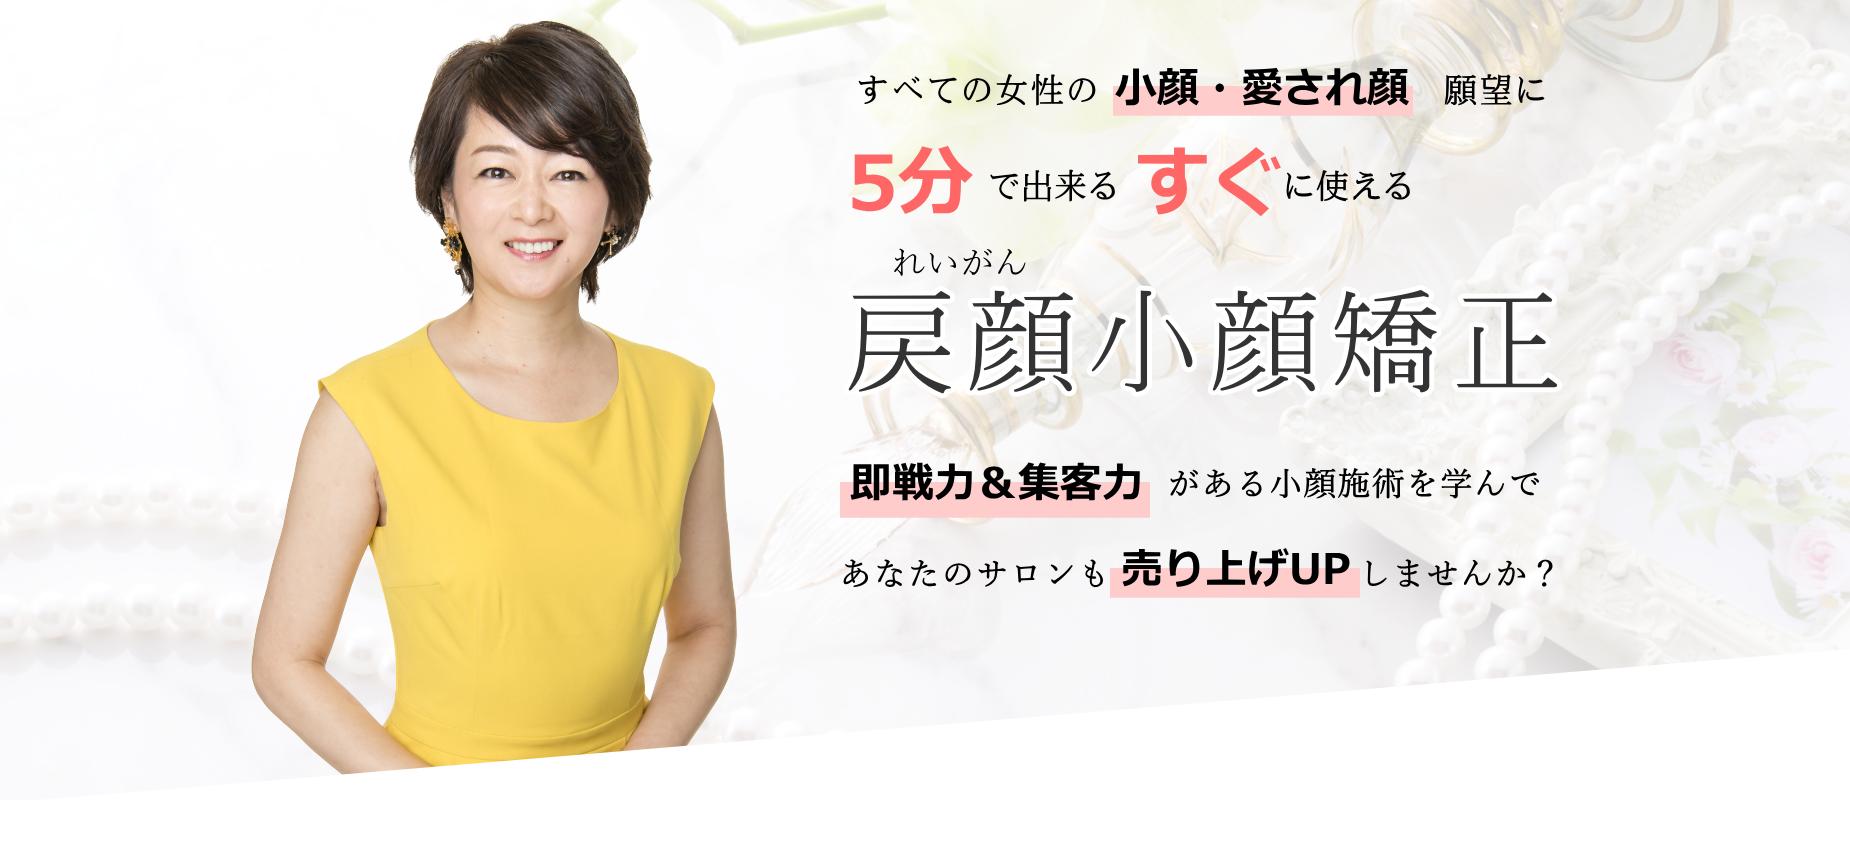 痛くない・5分で変われる小顔メソッド:日本戻顔美容協会